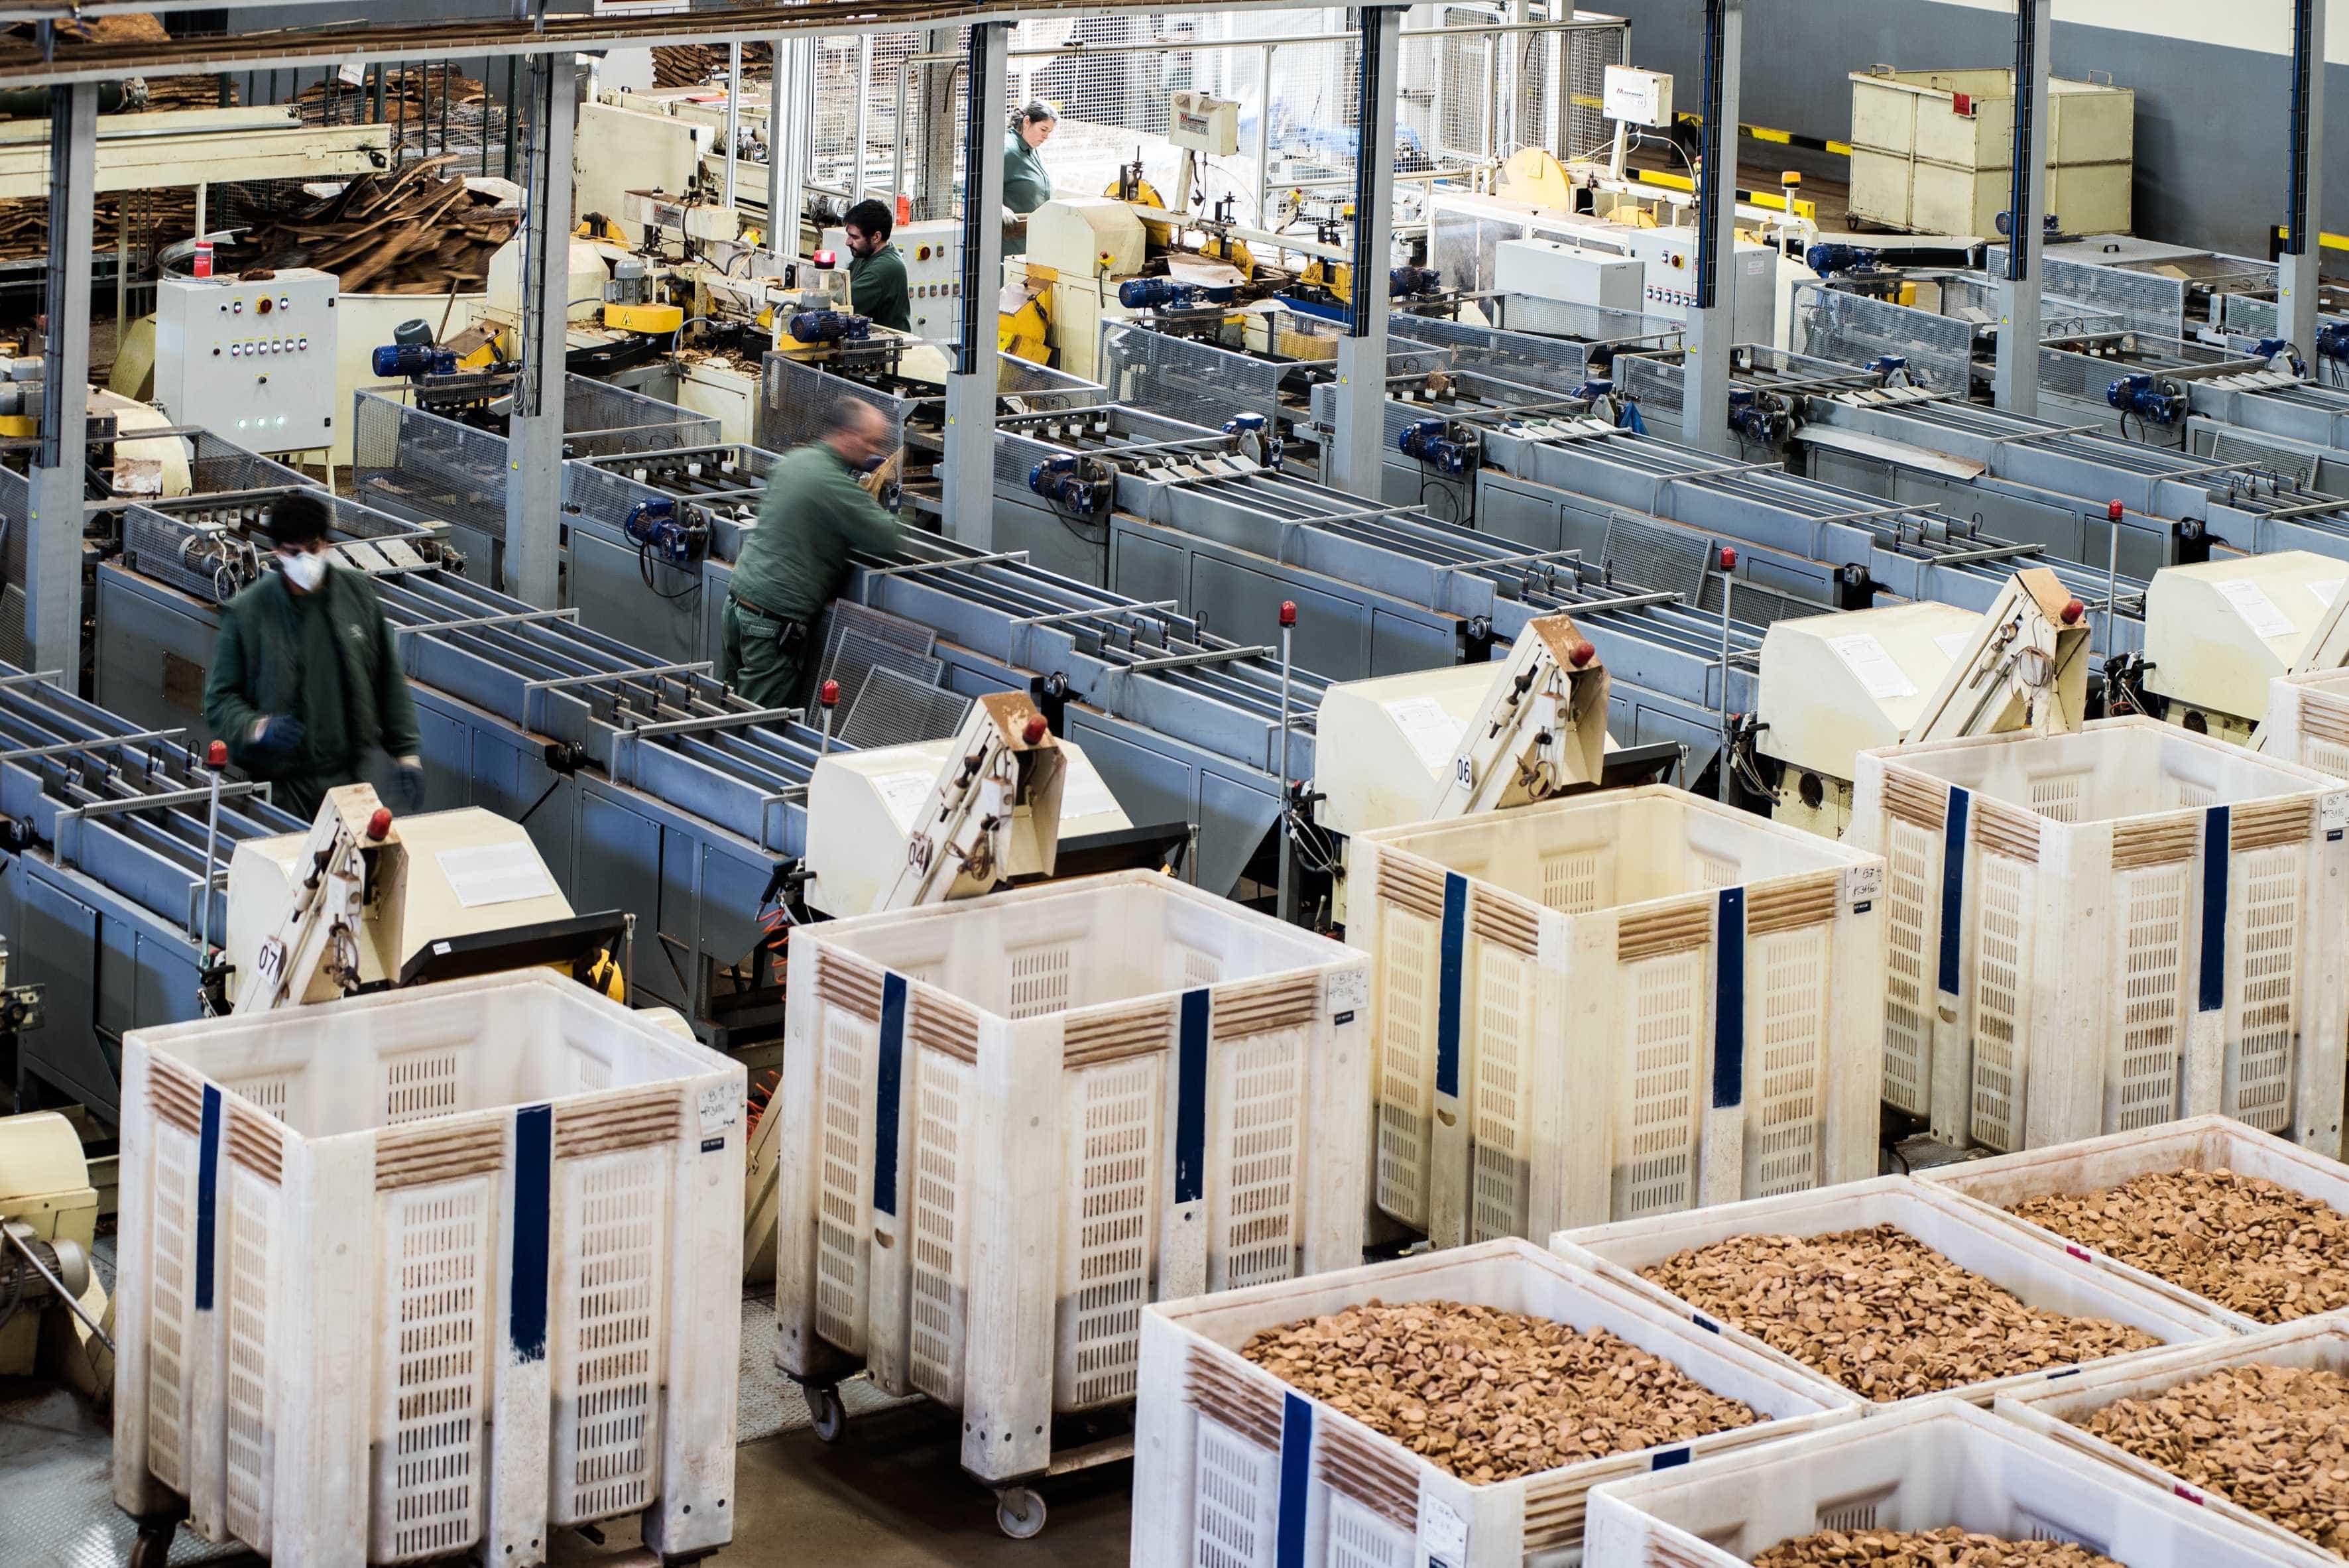 Lucro da Corticeira Amorim subiu 9% para 41 milhões de euros